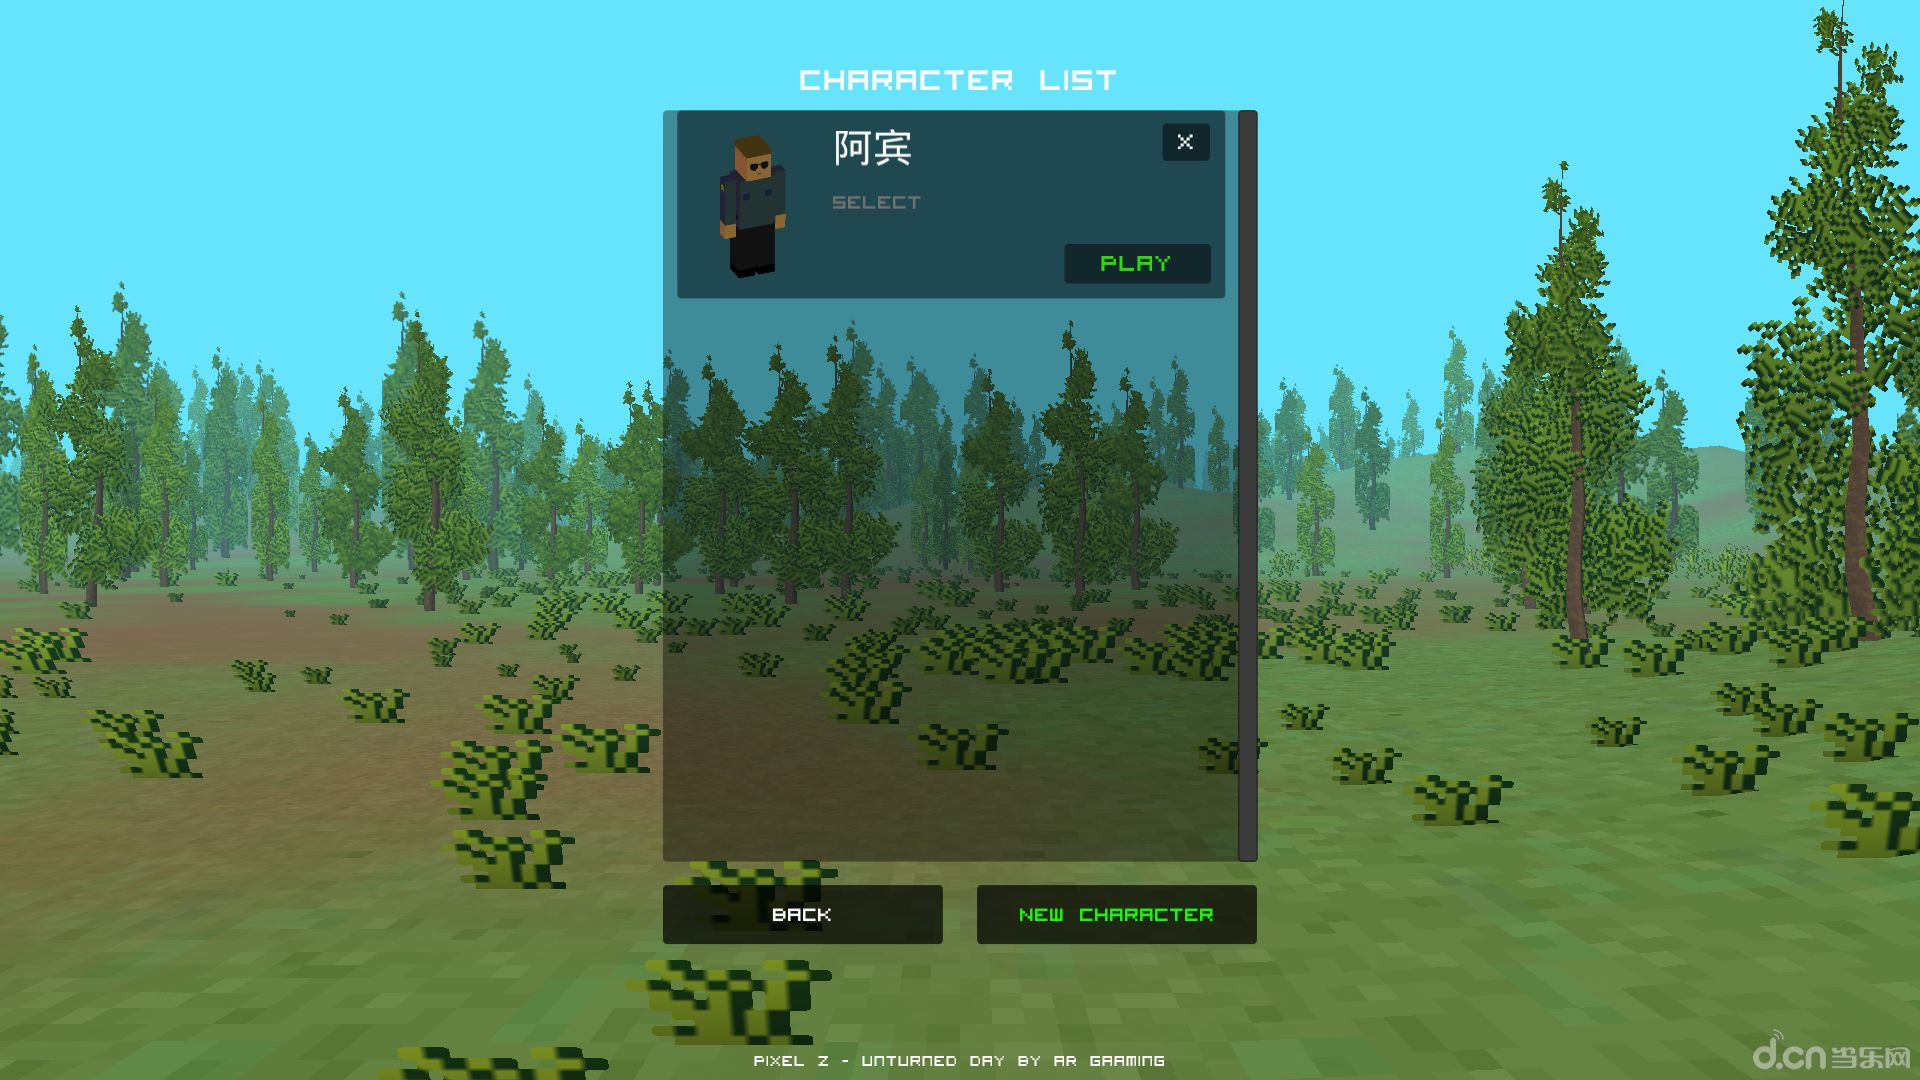 未转变者游戏动物图片